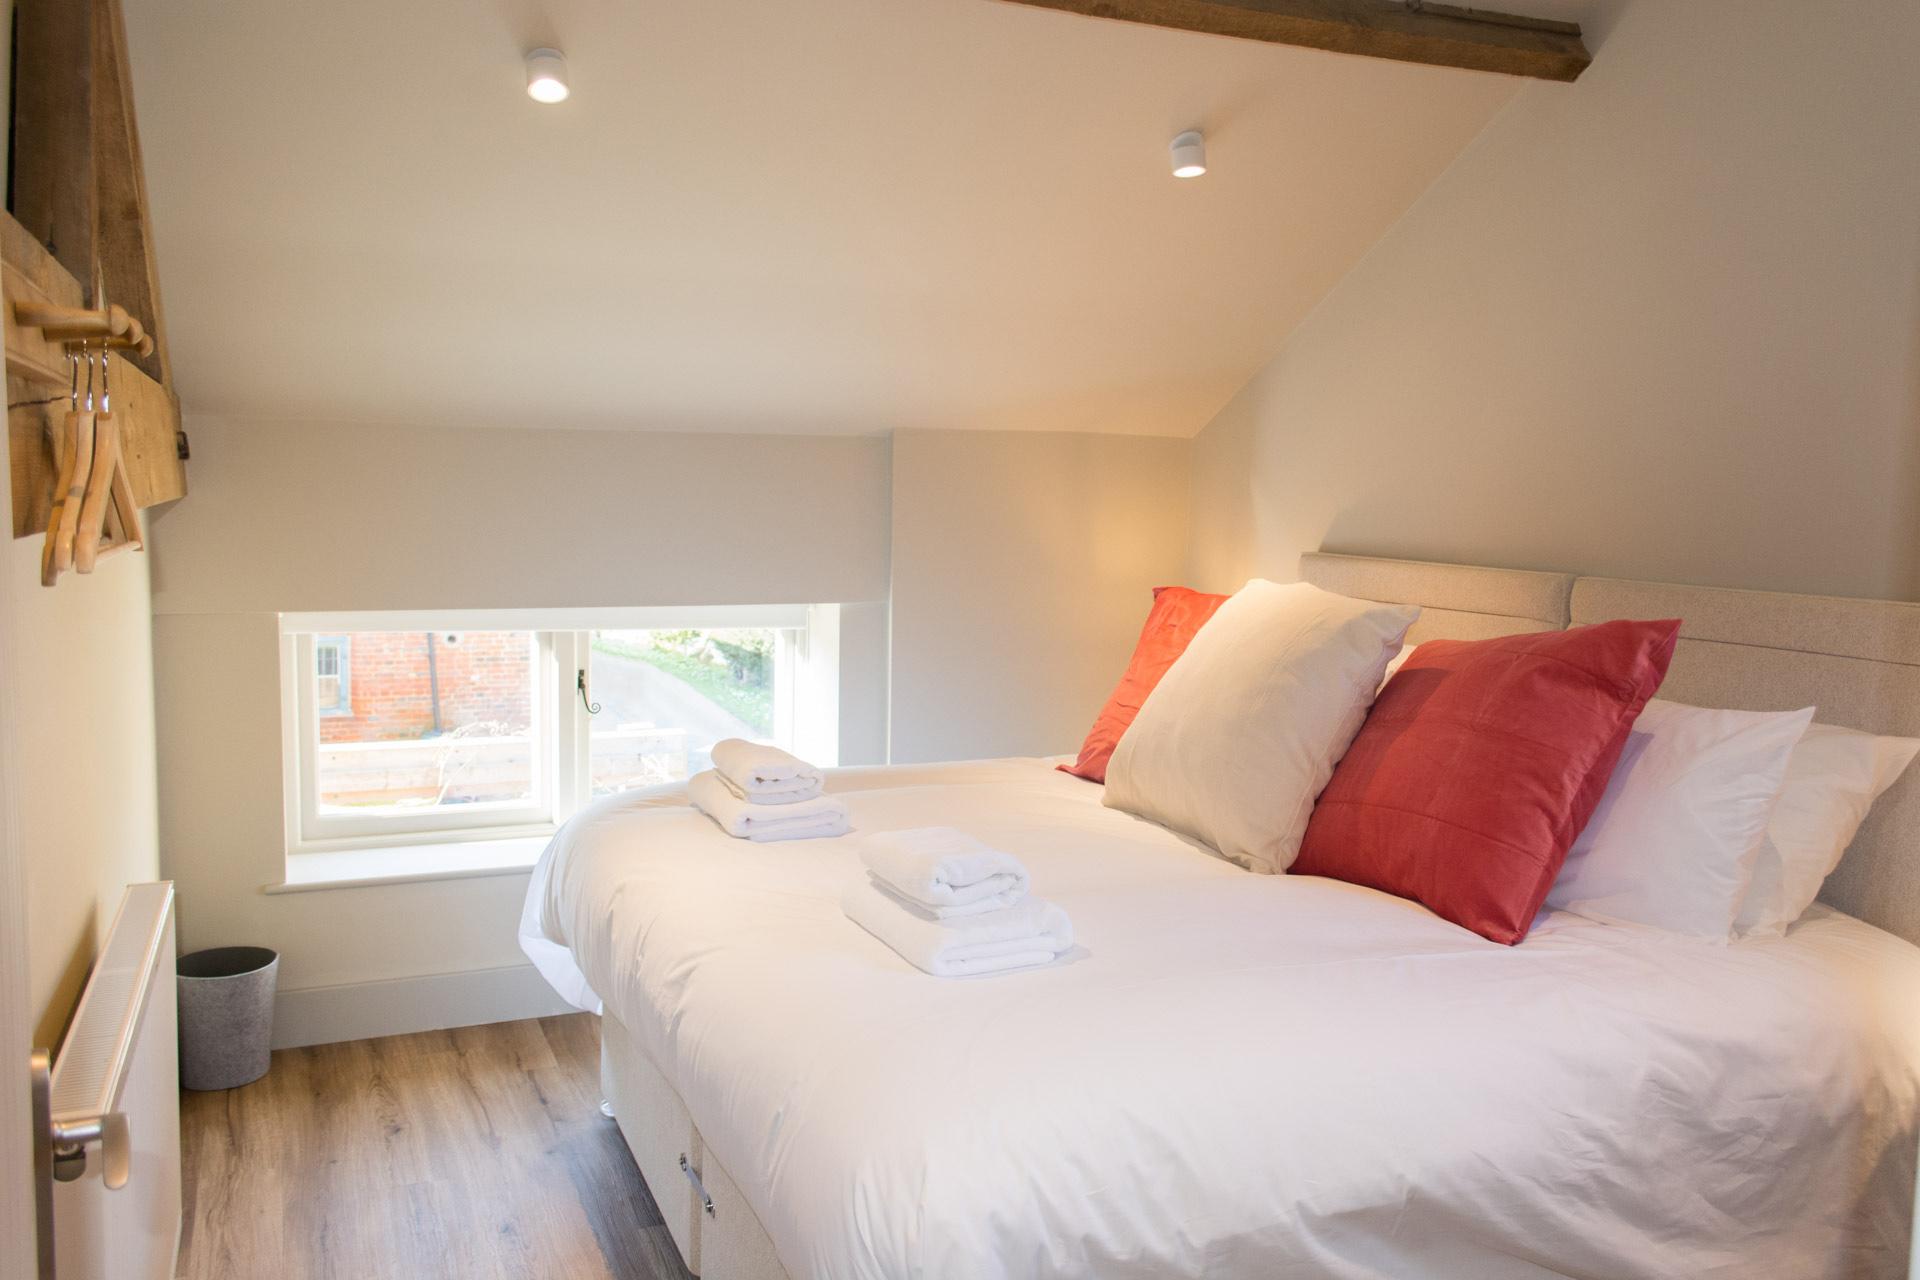 Super-king bedroom photo taken from the doorway